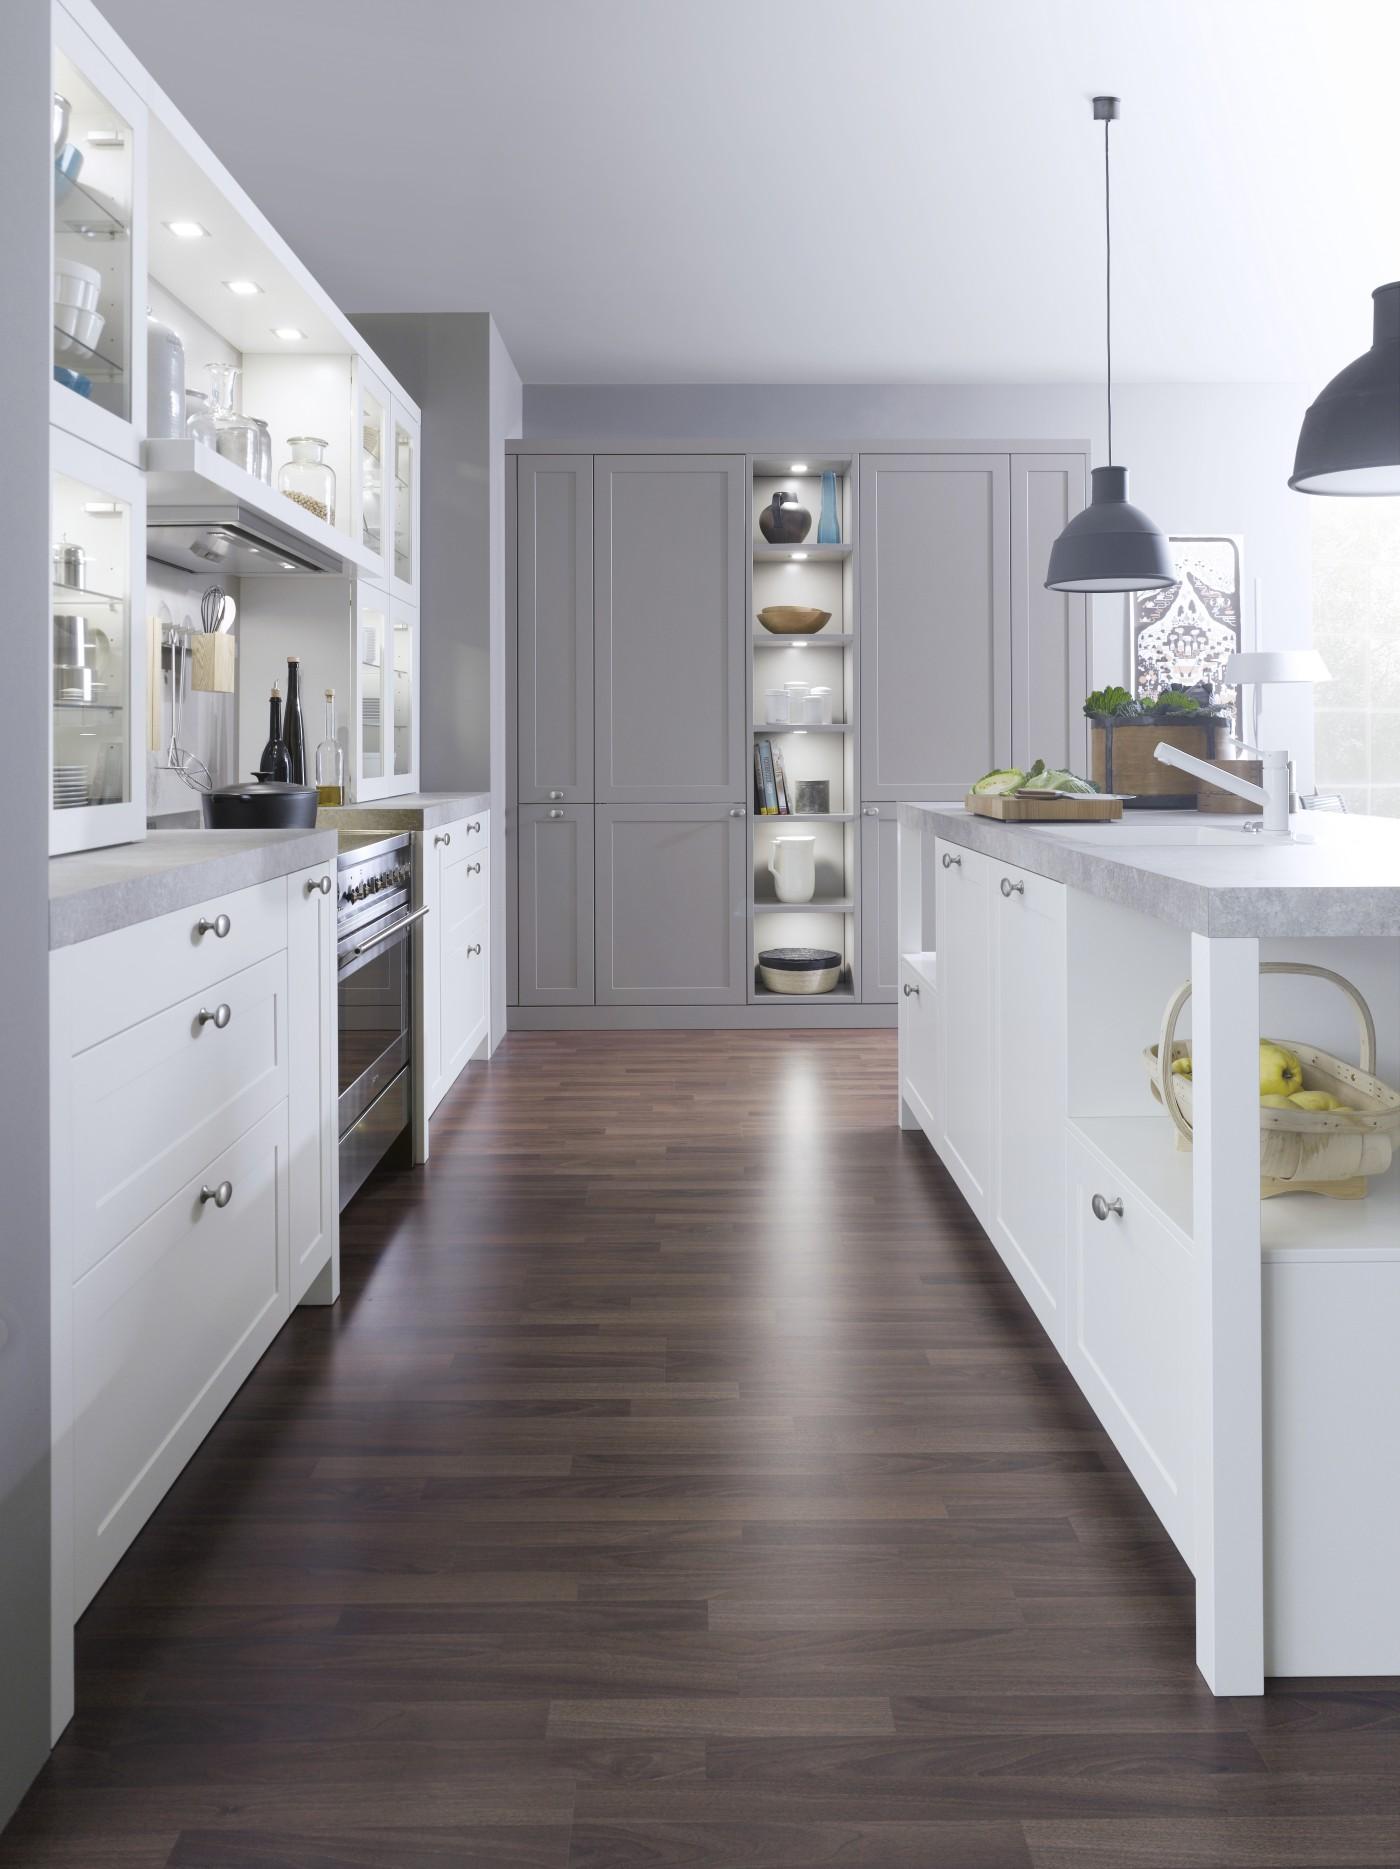 best kitchen appliances brand undermount porcelain sink leicht carre-fs kitchens - luxury contemporary ...